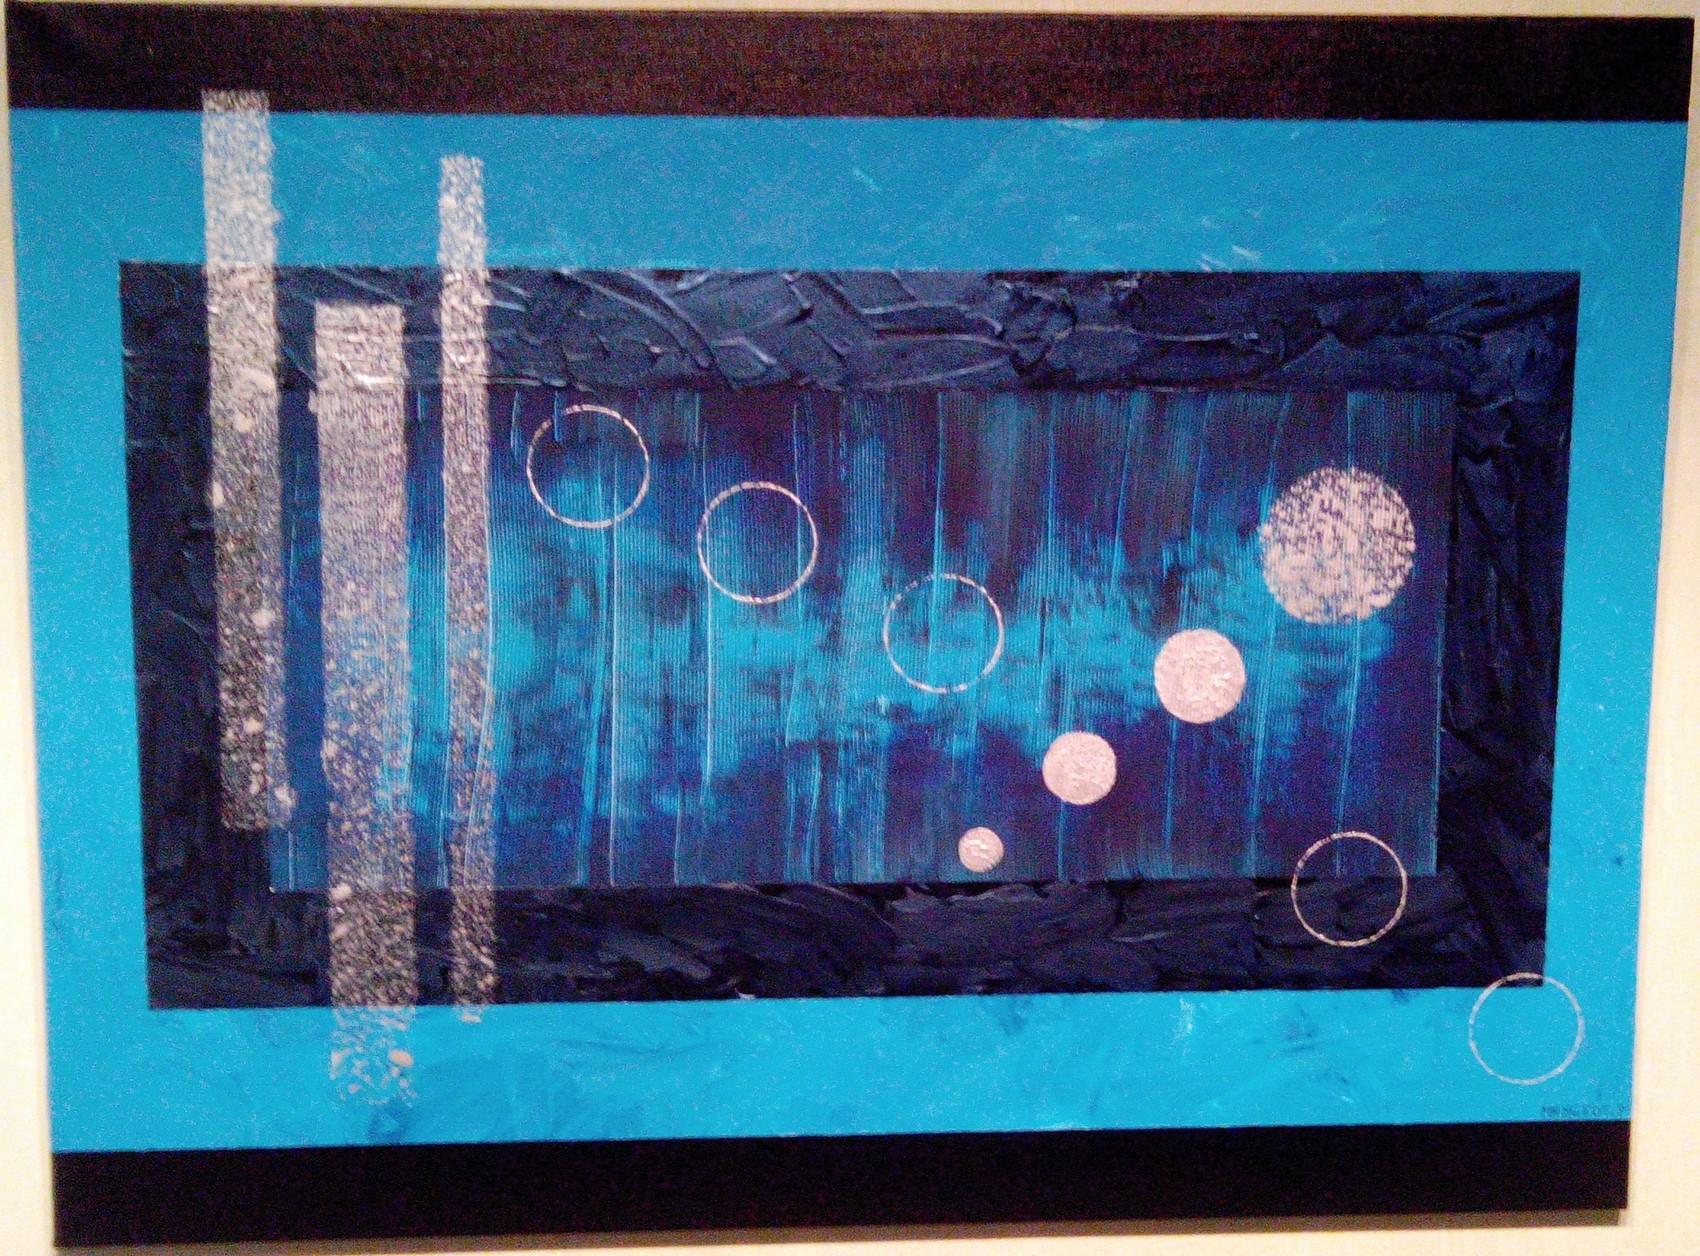 Peinture bleu de nuit for Peinture murale bleu nuit